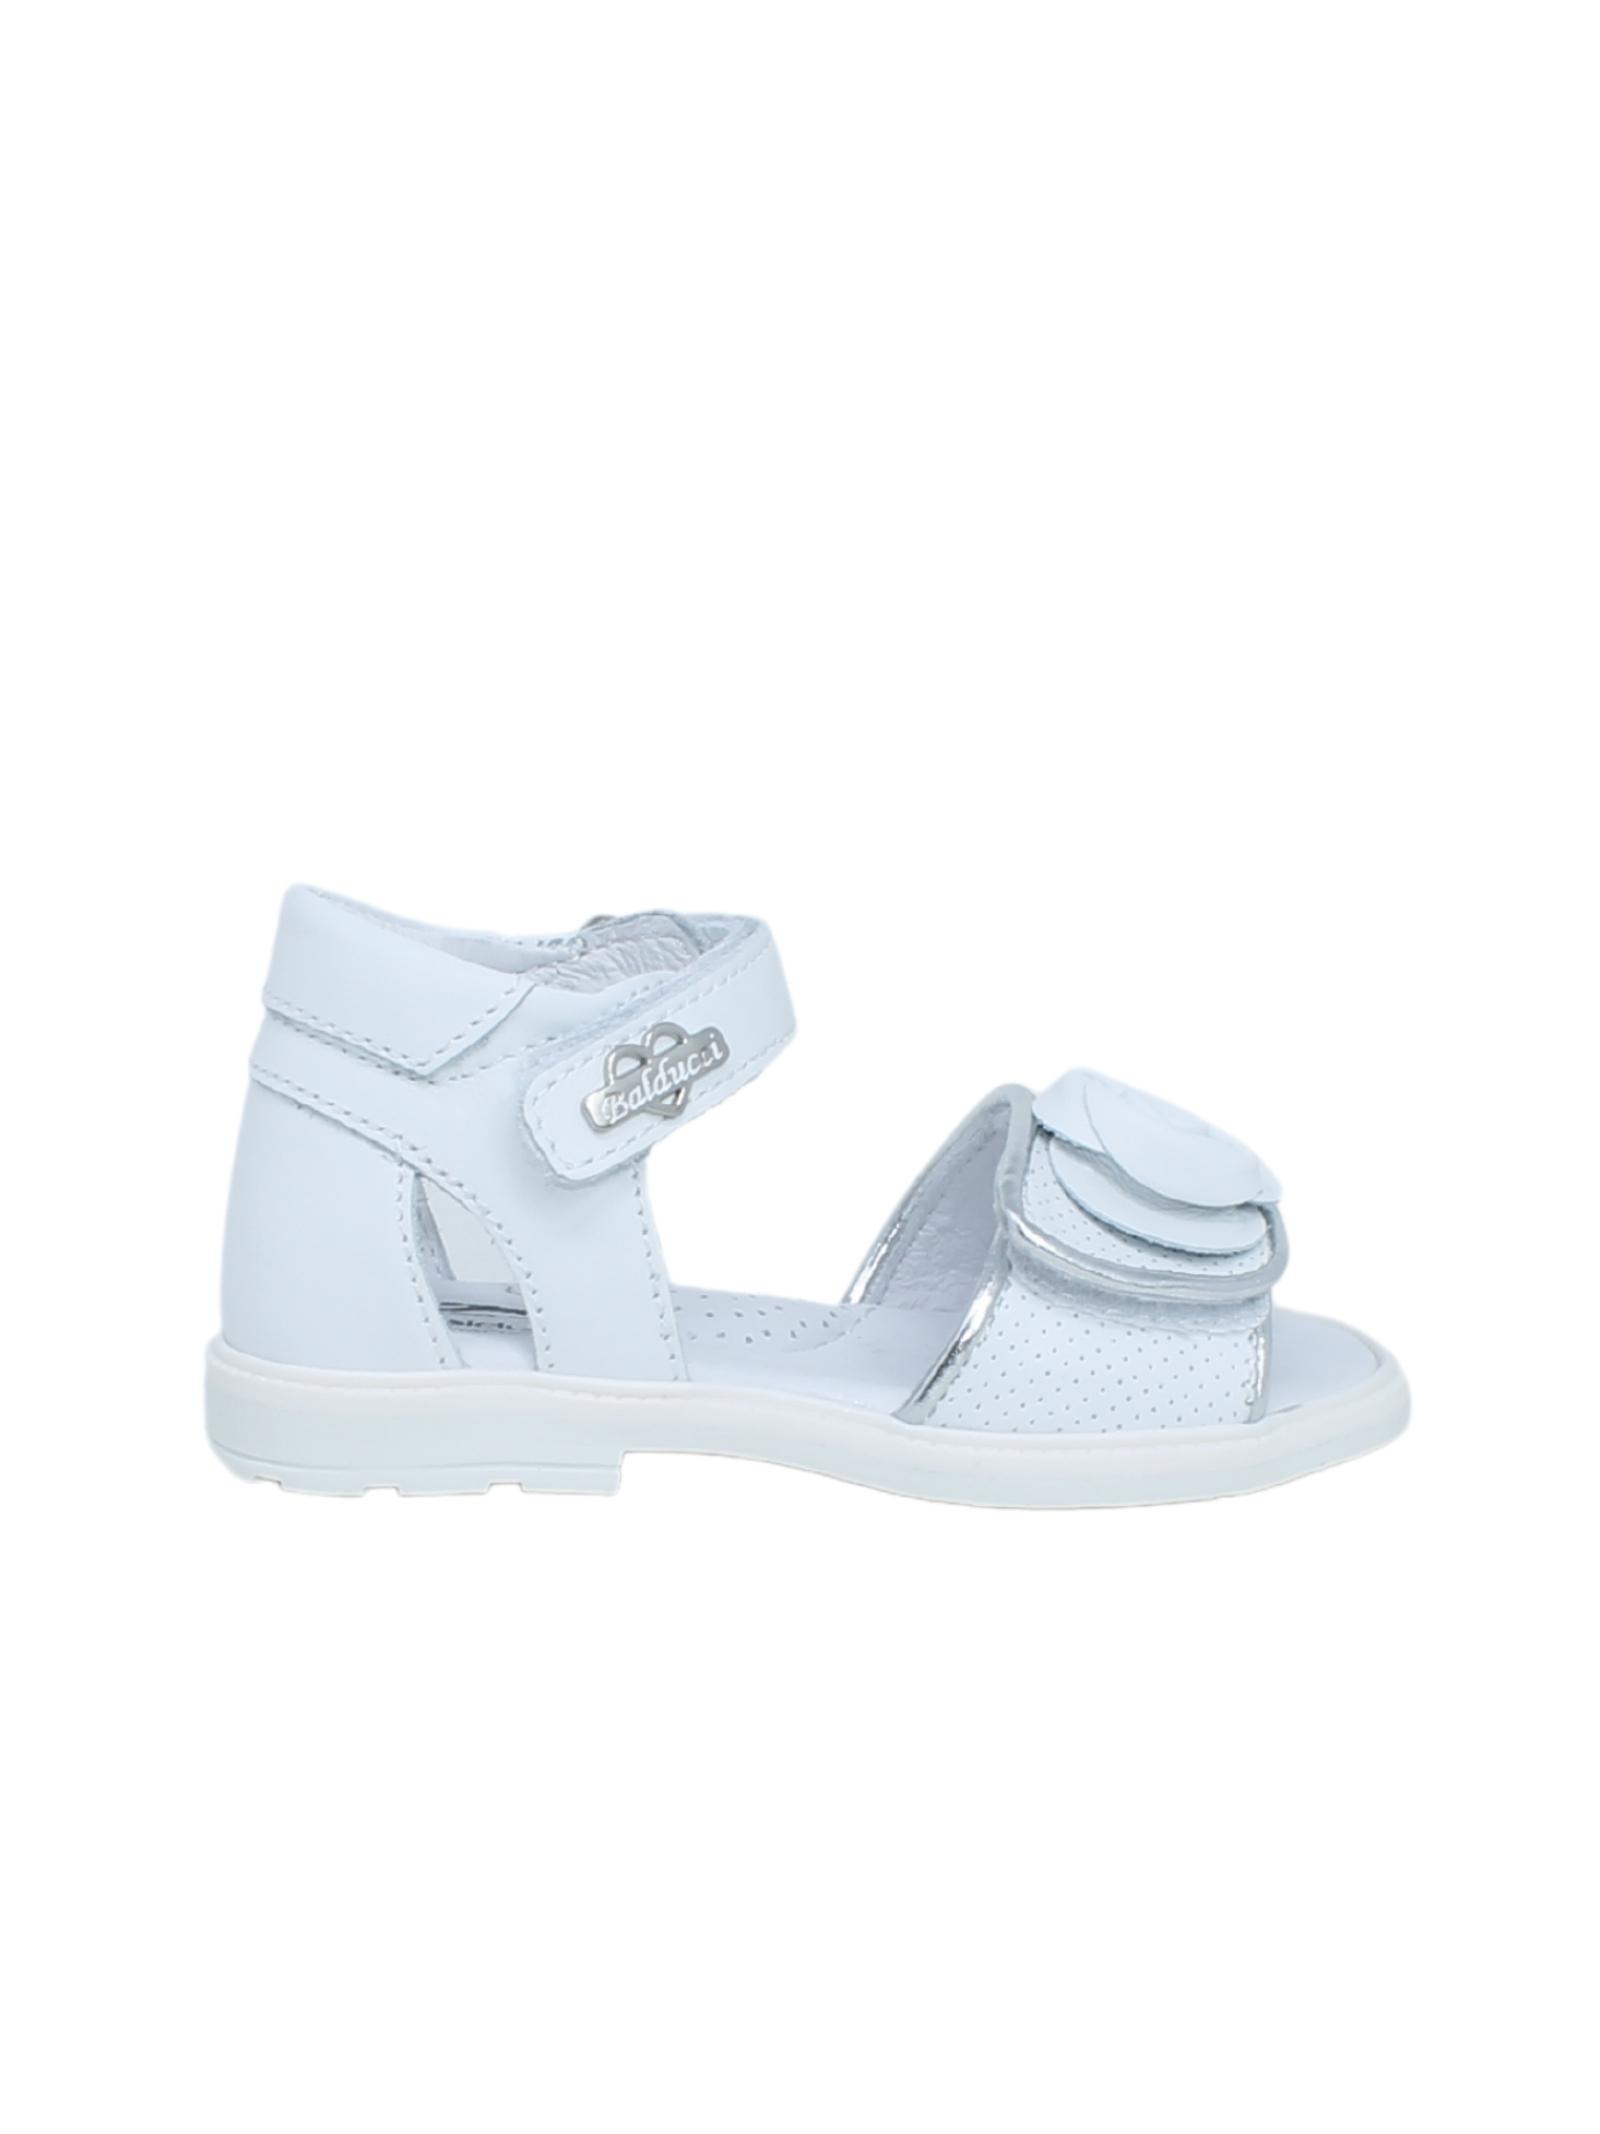 BALDUCCI | Sandals | CITA4704B13812